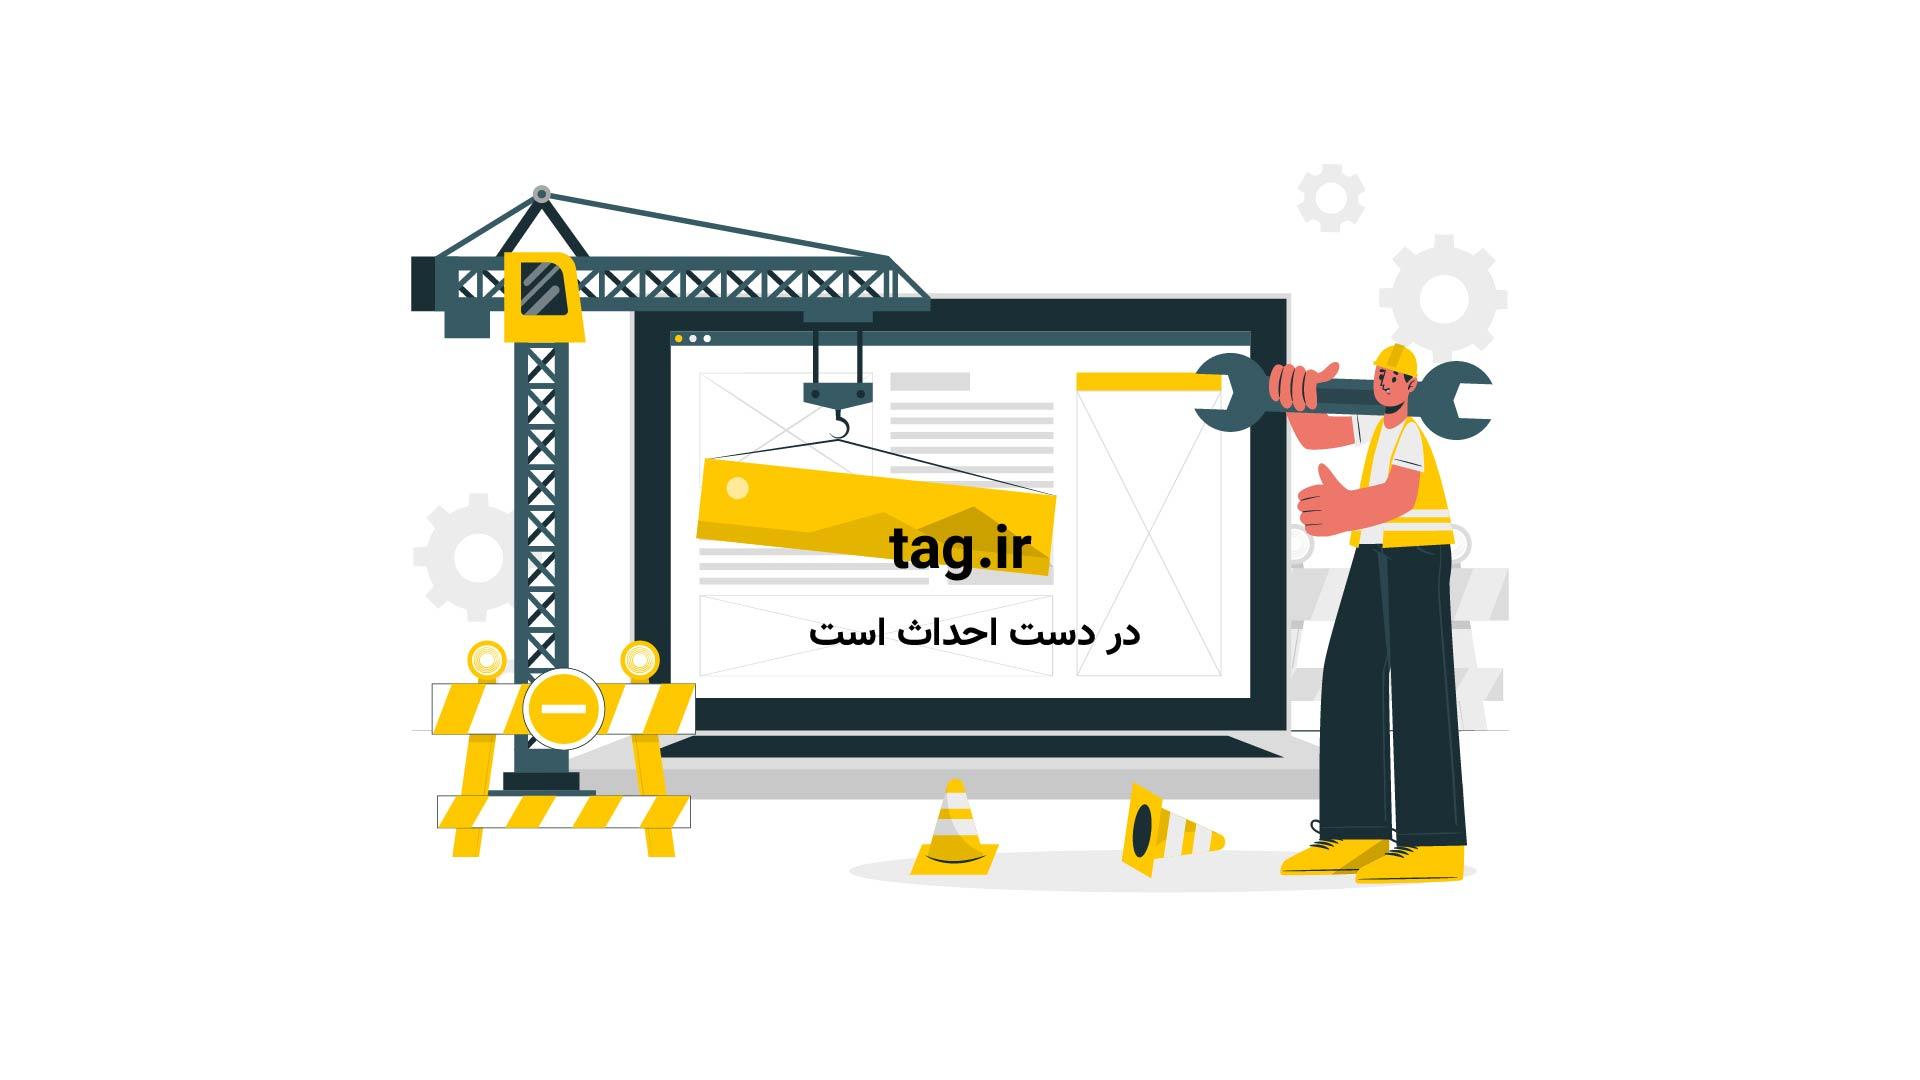 خانه تاریخی آل یاسین در شهر کاشان | فیلم